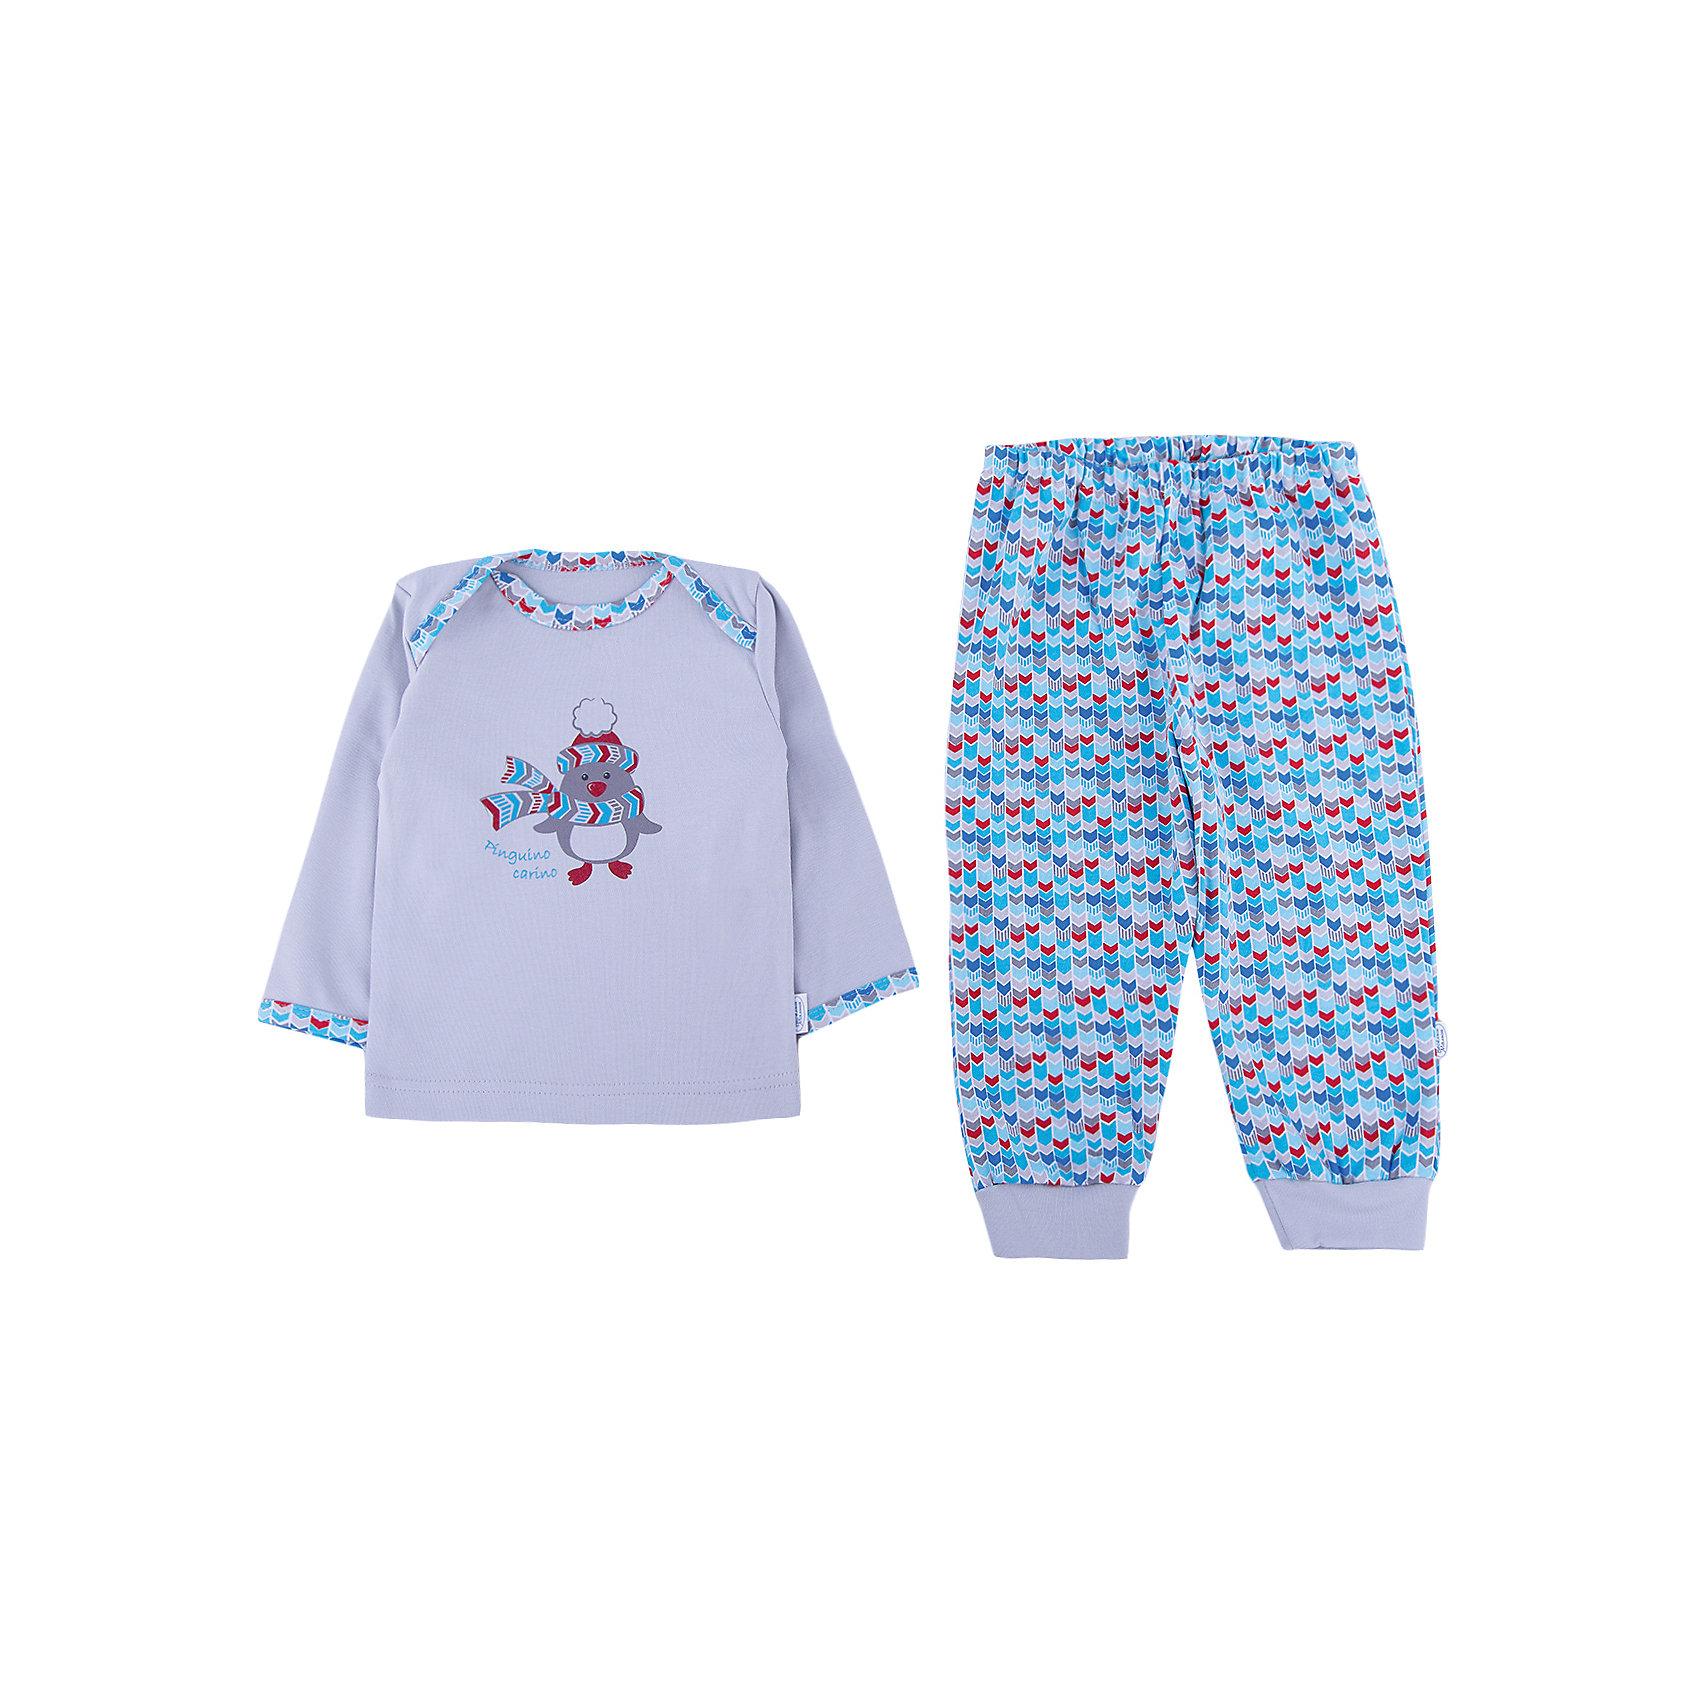 Пижама Веселый малыш для мальчикаПижамы<br>Характеристики товара:<br><br>• цвет: голубой<br>• комплектация: лонгслив и брюки<br>• состав ткани: 100% хлопок<br>• подкладка: нет<br>• сезон: круглый год<br>• длинные рукава<br>• пояс: резинка<br>• страна бренда: Россия<br>• страна изготовитель: Россия<br><br>Обеспечить малышам комфорт во время сна поможет такая пижама для ребенка. Детская пижама от бренда Веселый малыш отличается мягкими швами и дышащим материалом. Хлопковая детская пижама легко стирается и быстро сохнет, долго сохраняет отличный внешний вид.<br><br>Пижаму Веселый малыш для мальчика можно купить в нашем интернет-магазине.<br><br>Ширина мм: 281<br>Глубина мм: 70<br>Высота мм: 188<br>Вес г: 295<br>Цвет: голубой<br>Возраст от месяцев: 12<br>Возраст до месяцев: 18<br>Пол: Мужской<br>Возраст: Детский<br>Размер: 86,68,74,80<br>SKU: 7053413